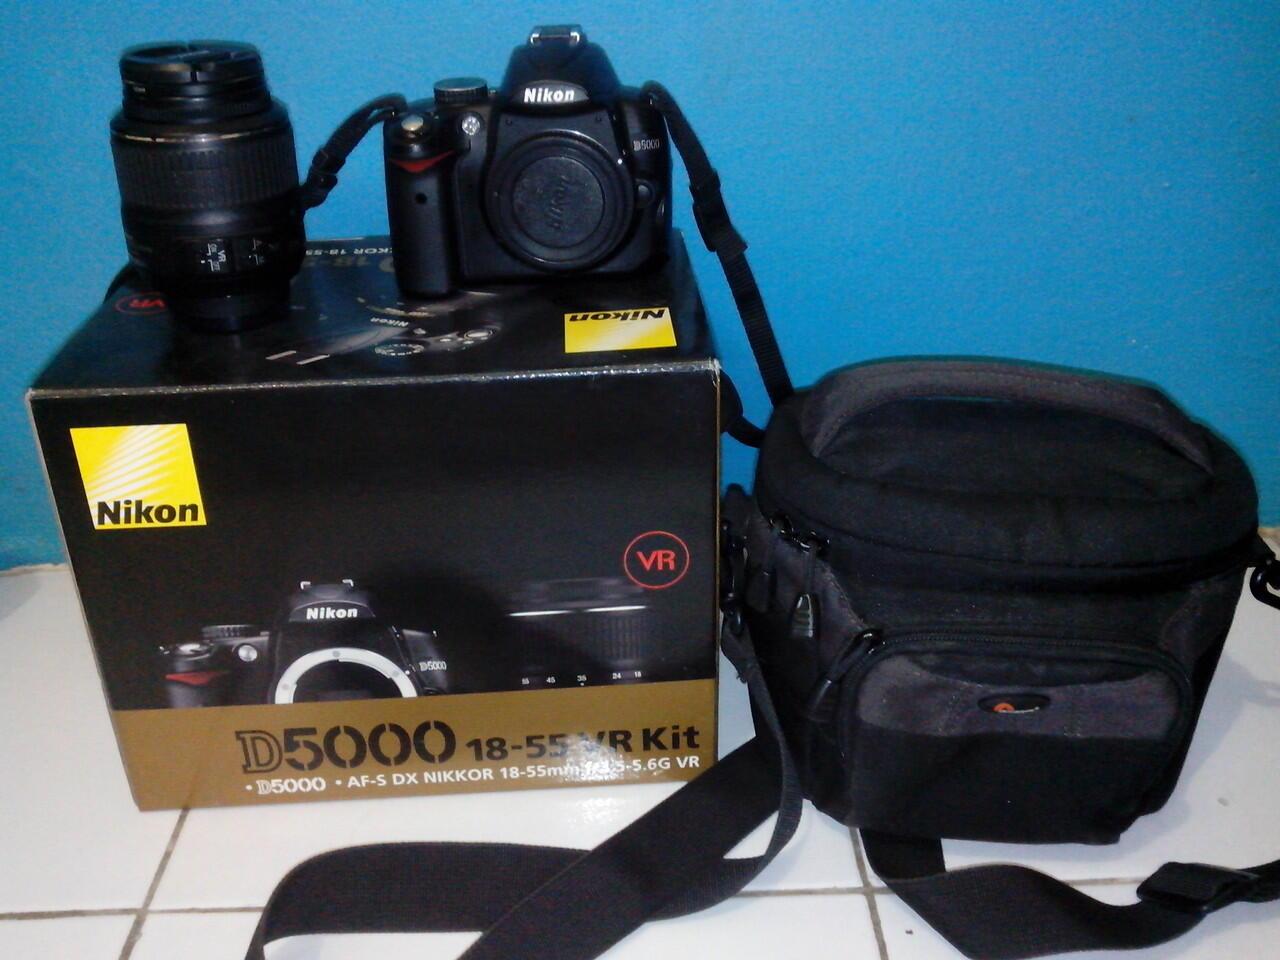 Jual Nikon D5000 BO cuma 3Jt an Cod Tangerang